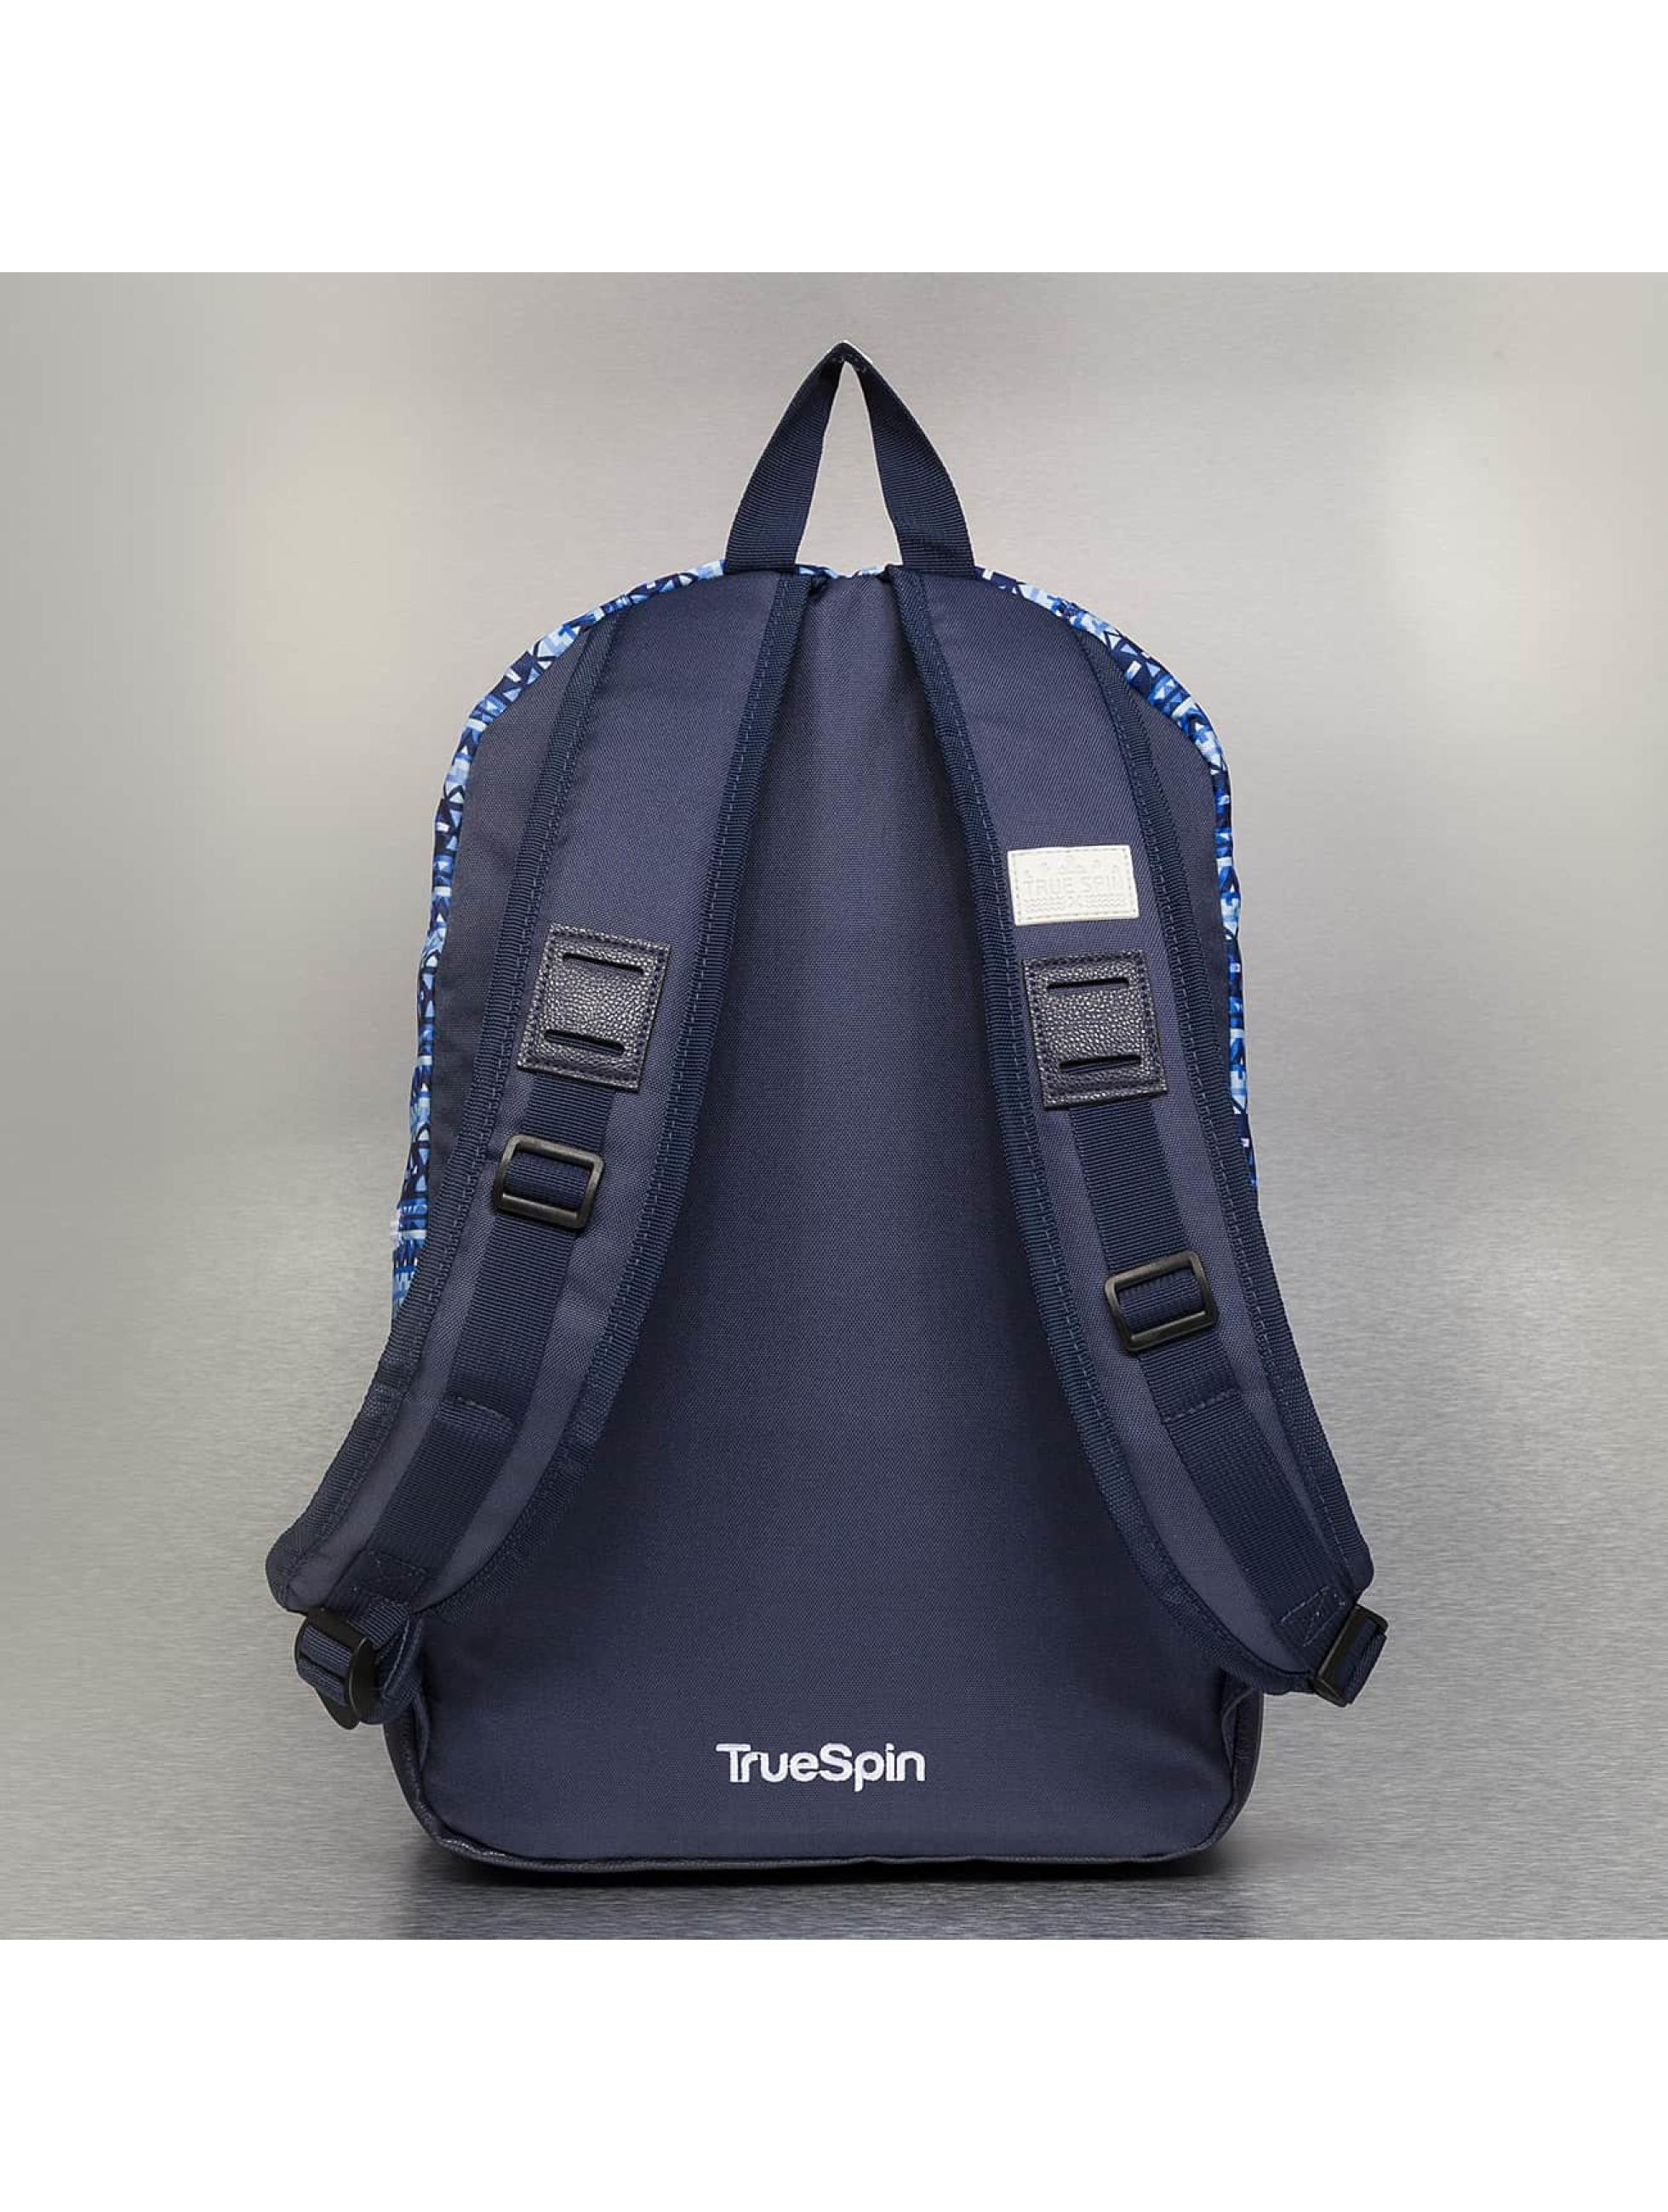 TrueSpin rugzak Scalp blauw